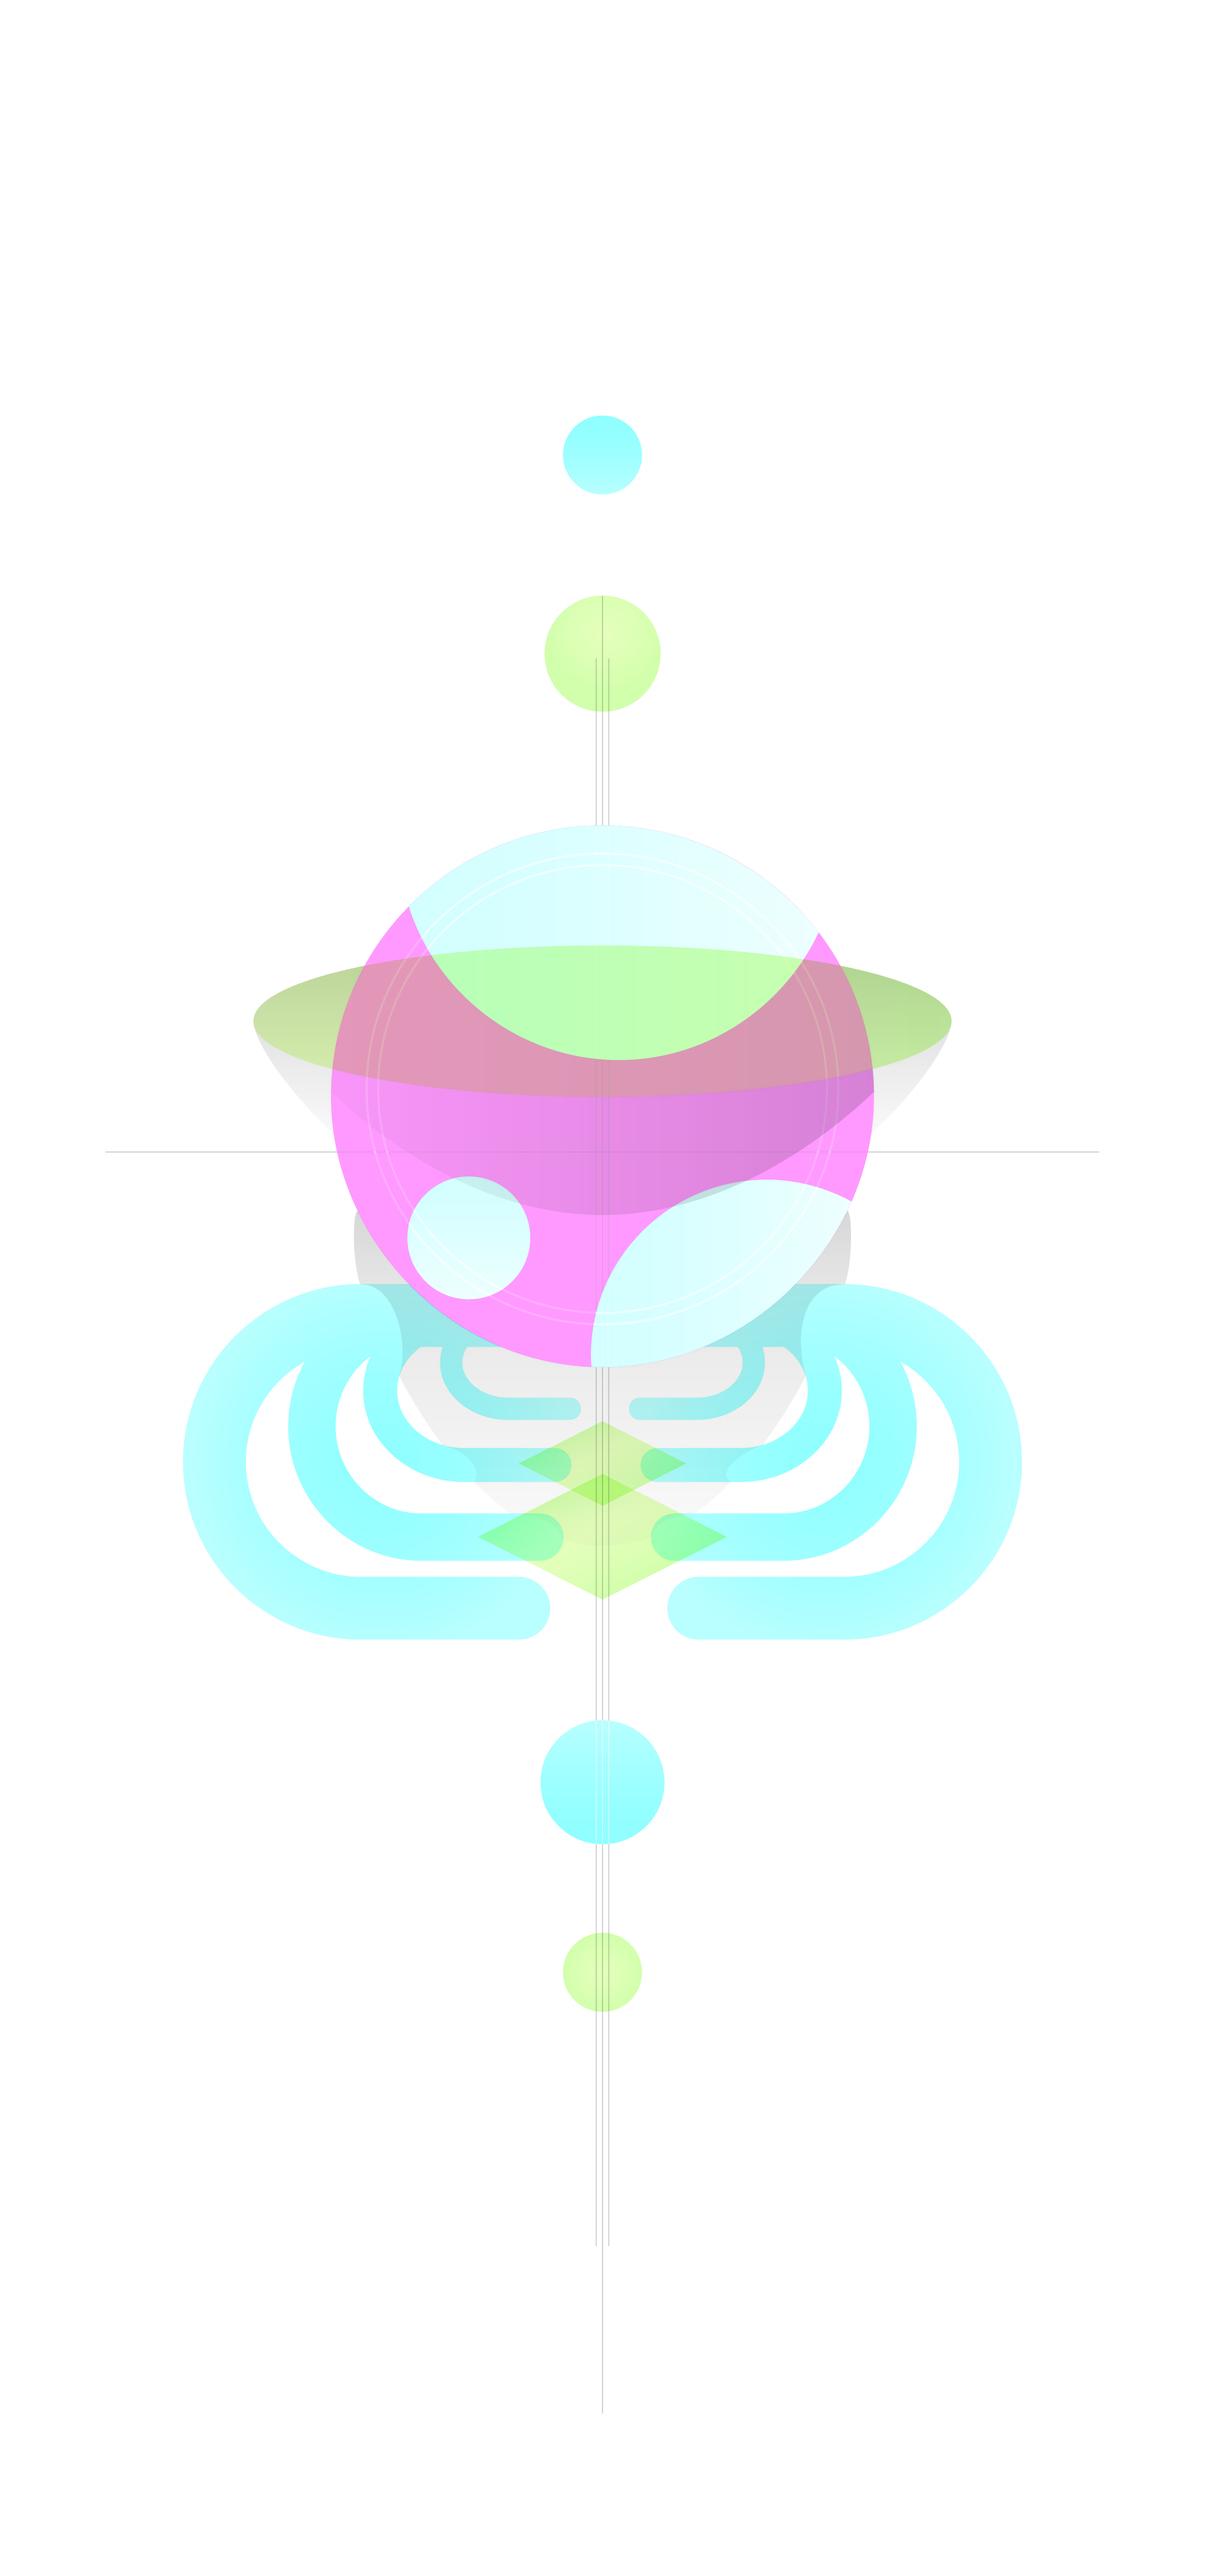 Octopus – Minimalist poster - illustration - whitewall | ello